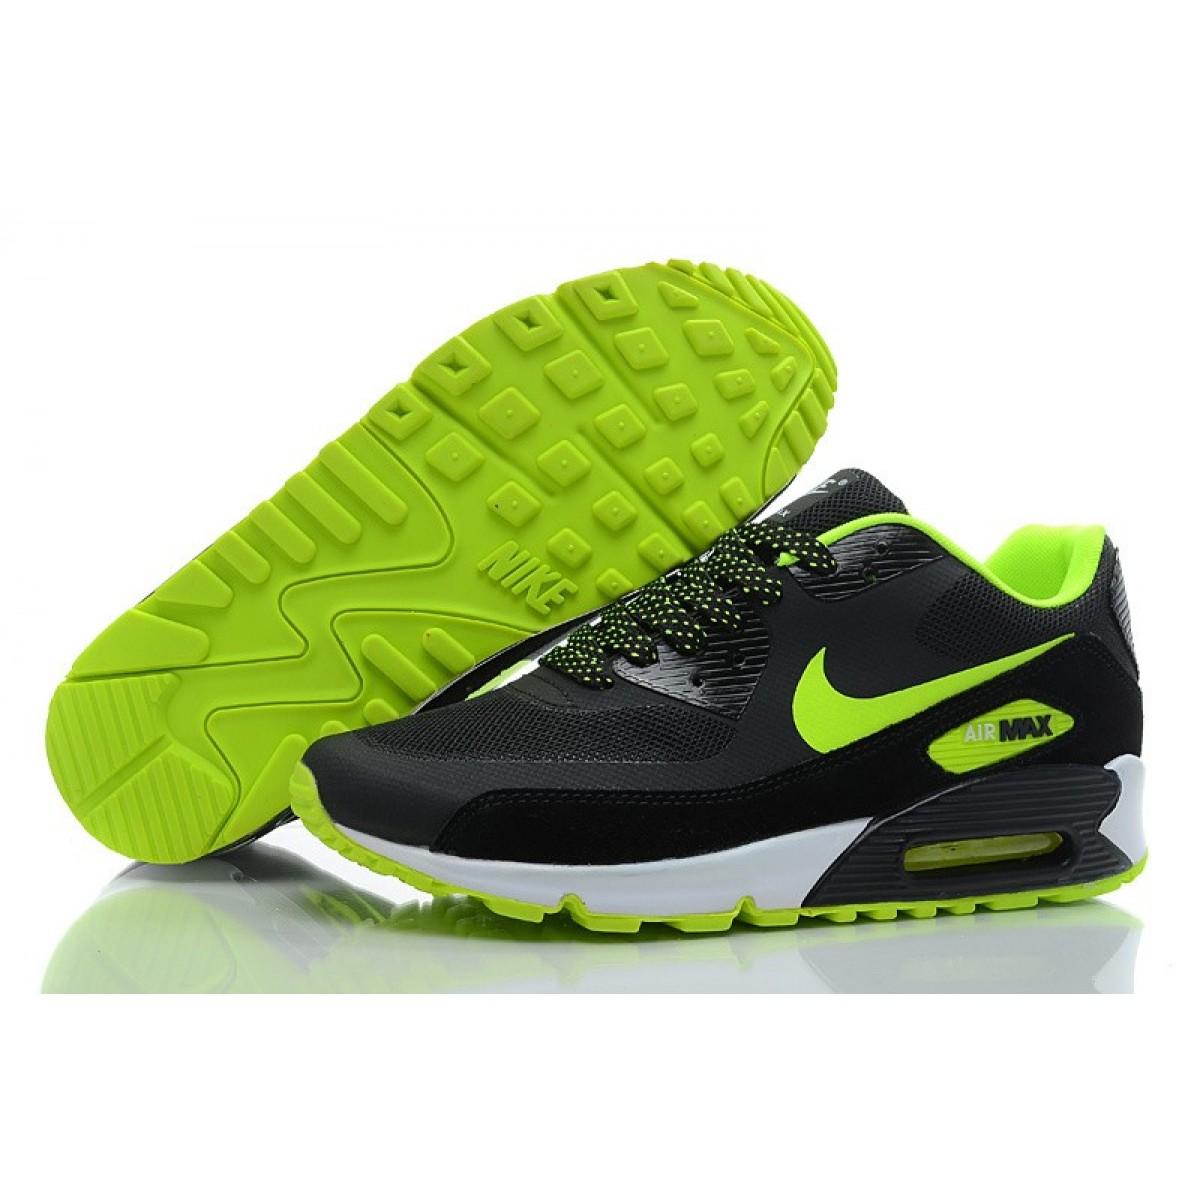 Achat / Vente produits Nike Air Max 90 Homme,Nike Air Max 90 Homme Pas